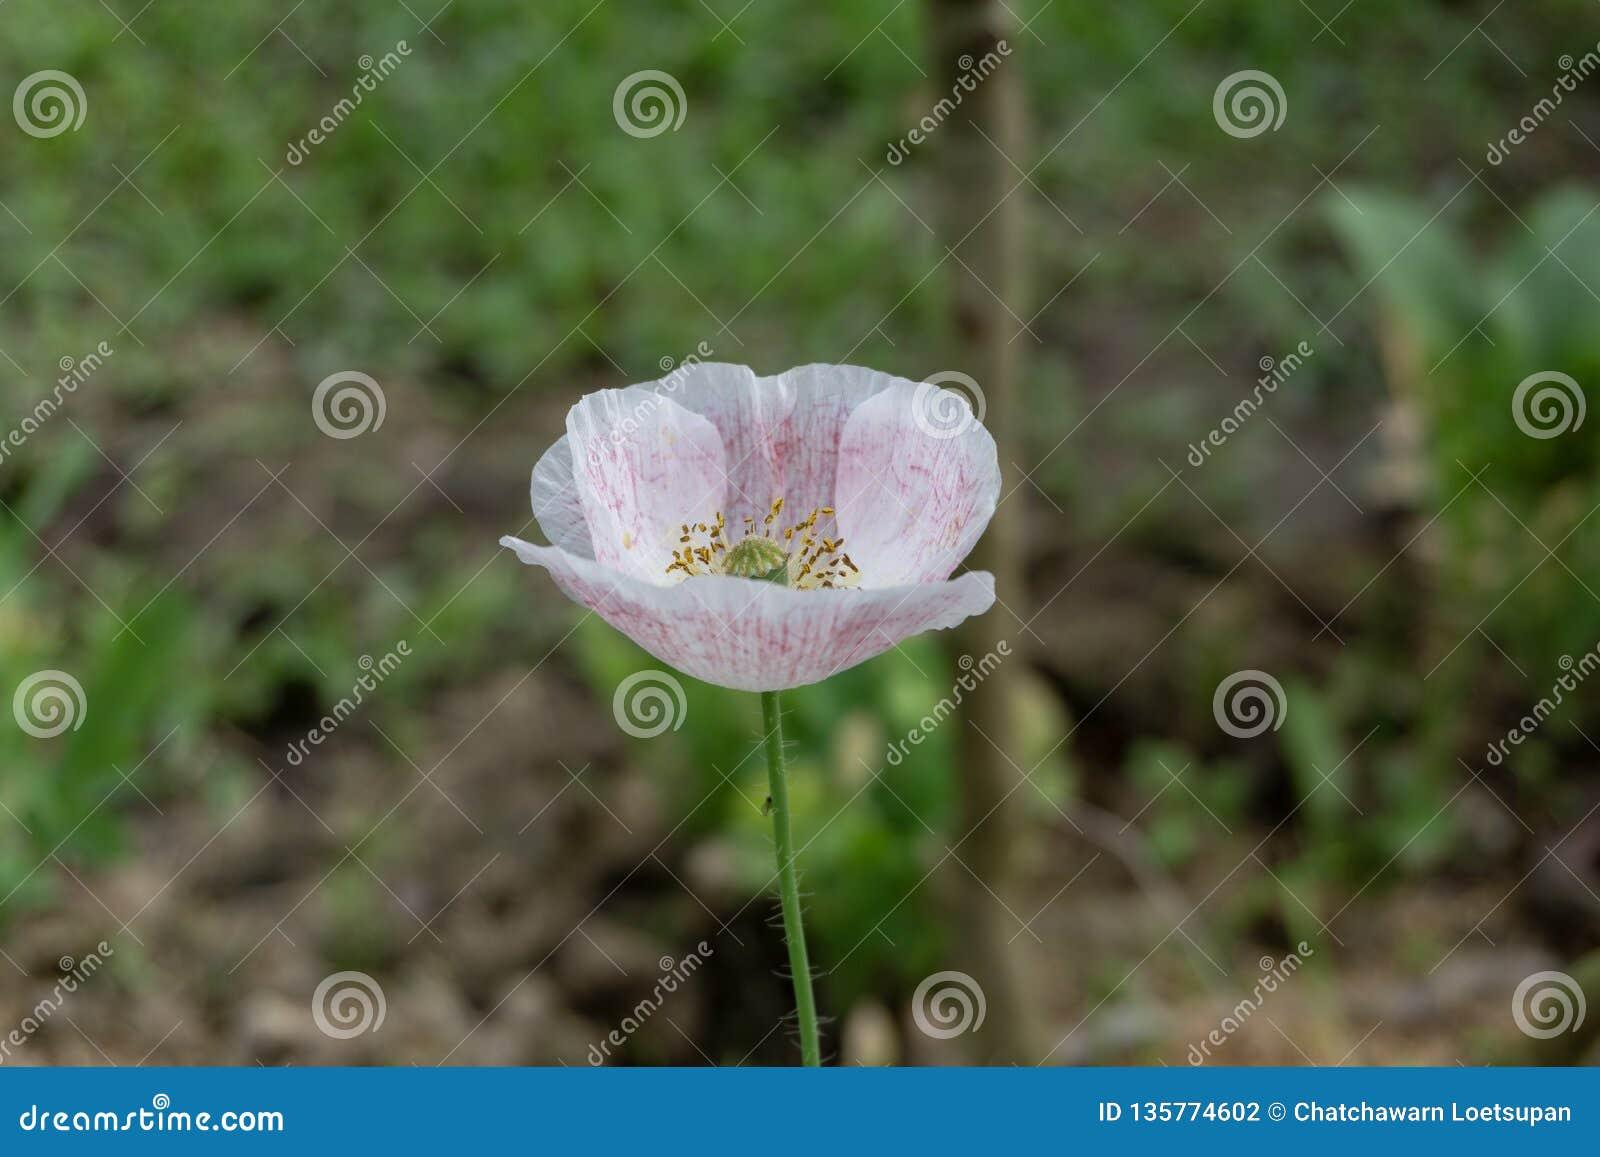 有华丽的花、乳状树汁和被环绕的种子胶囊的一个草本植物 许多鸦片包含生物碱并且是博士的来源